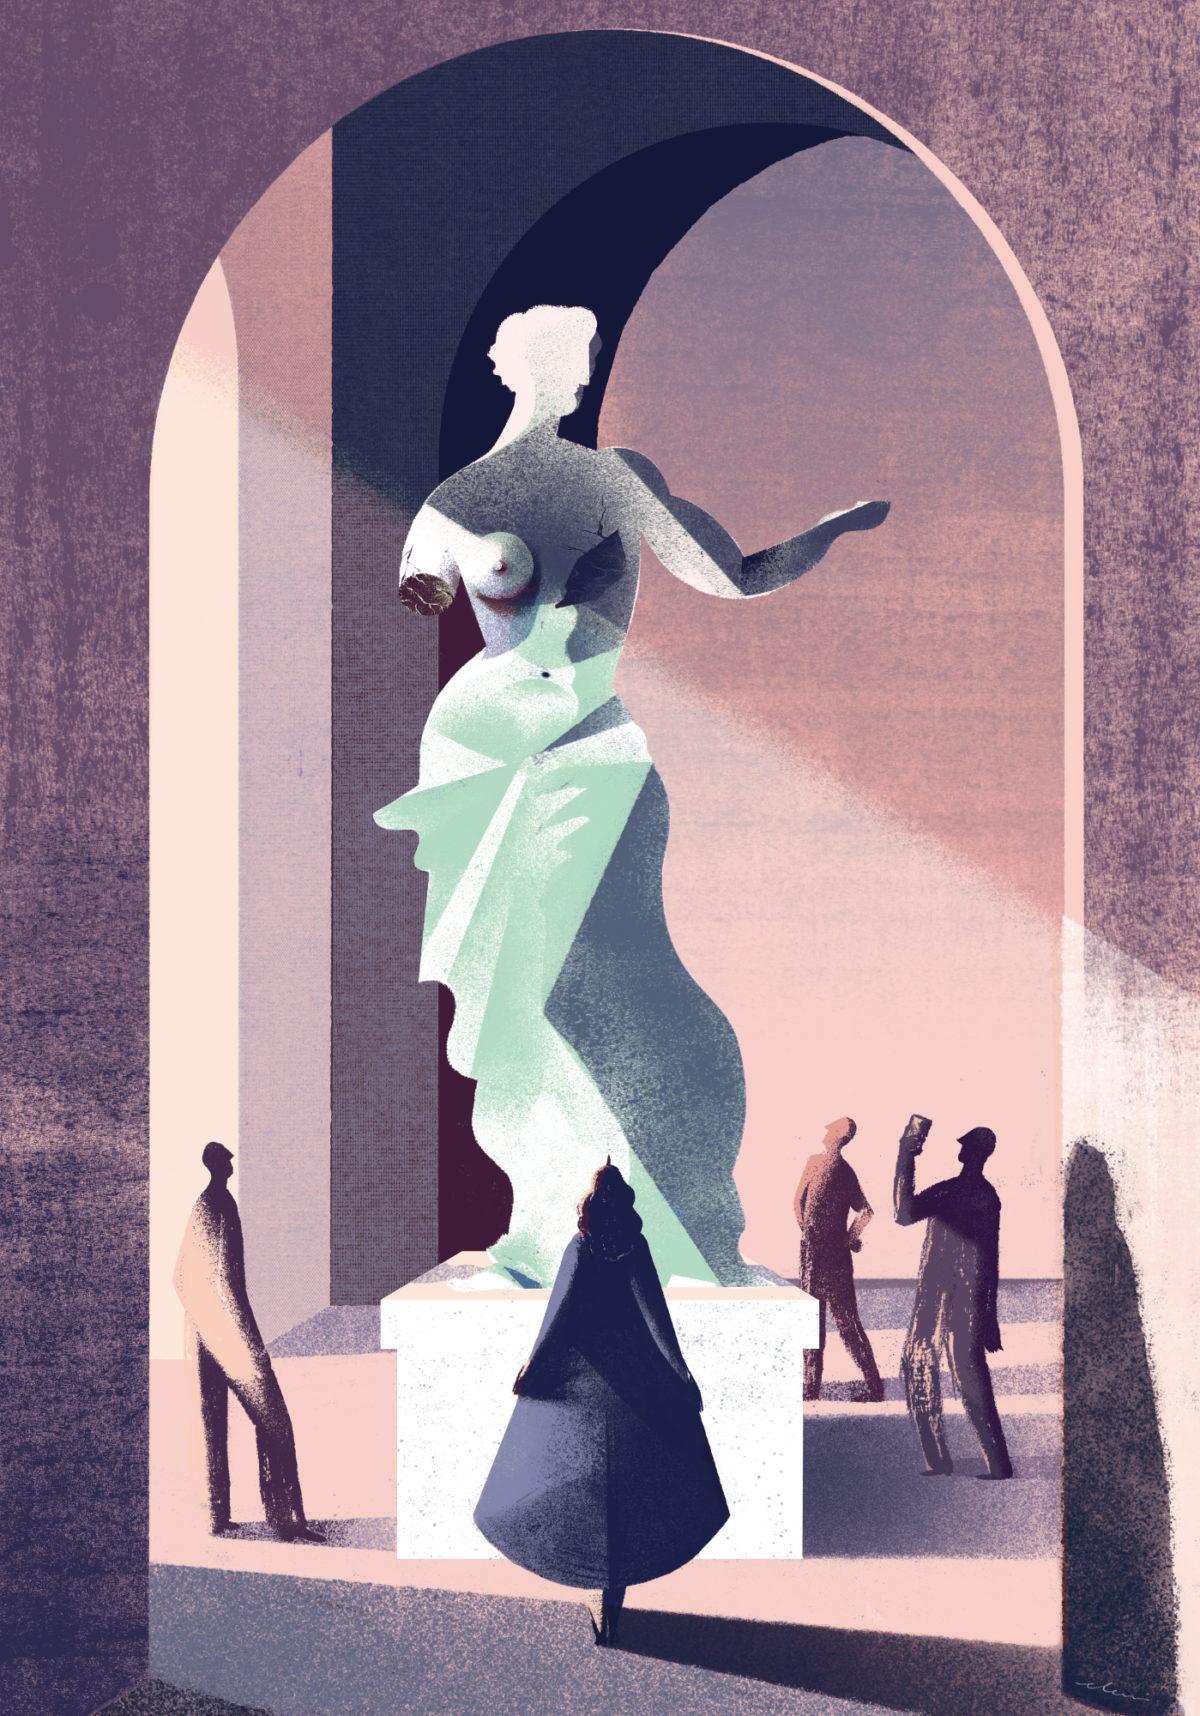 比利时Eleni Debo概念插图设计